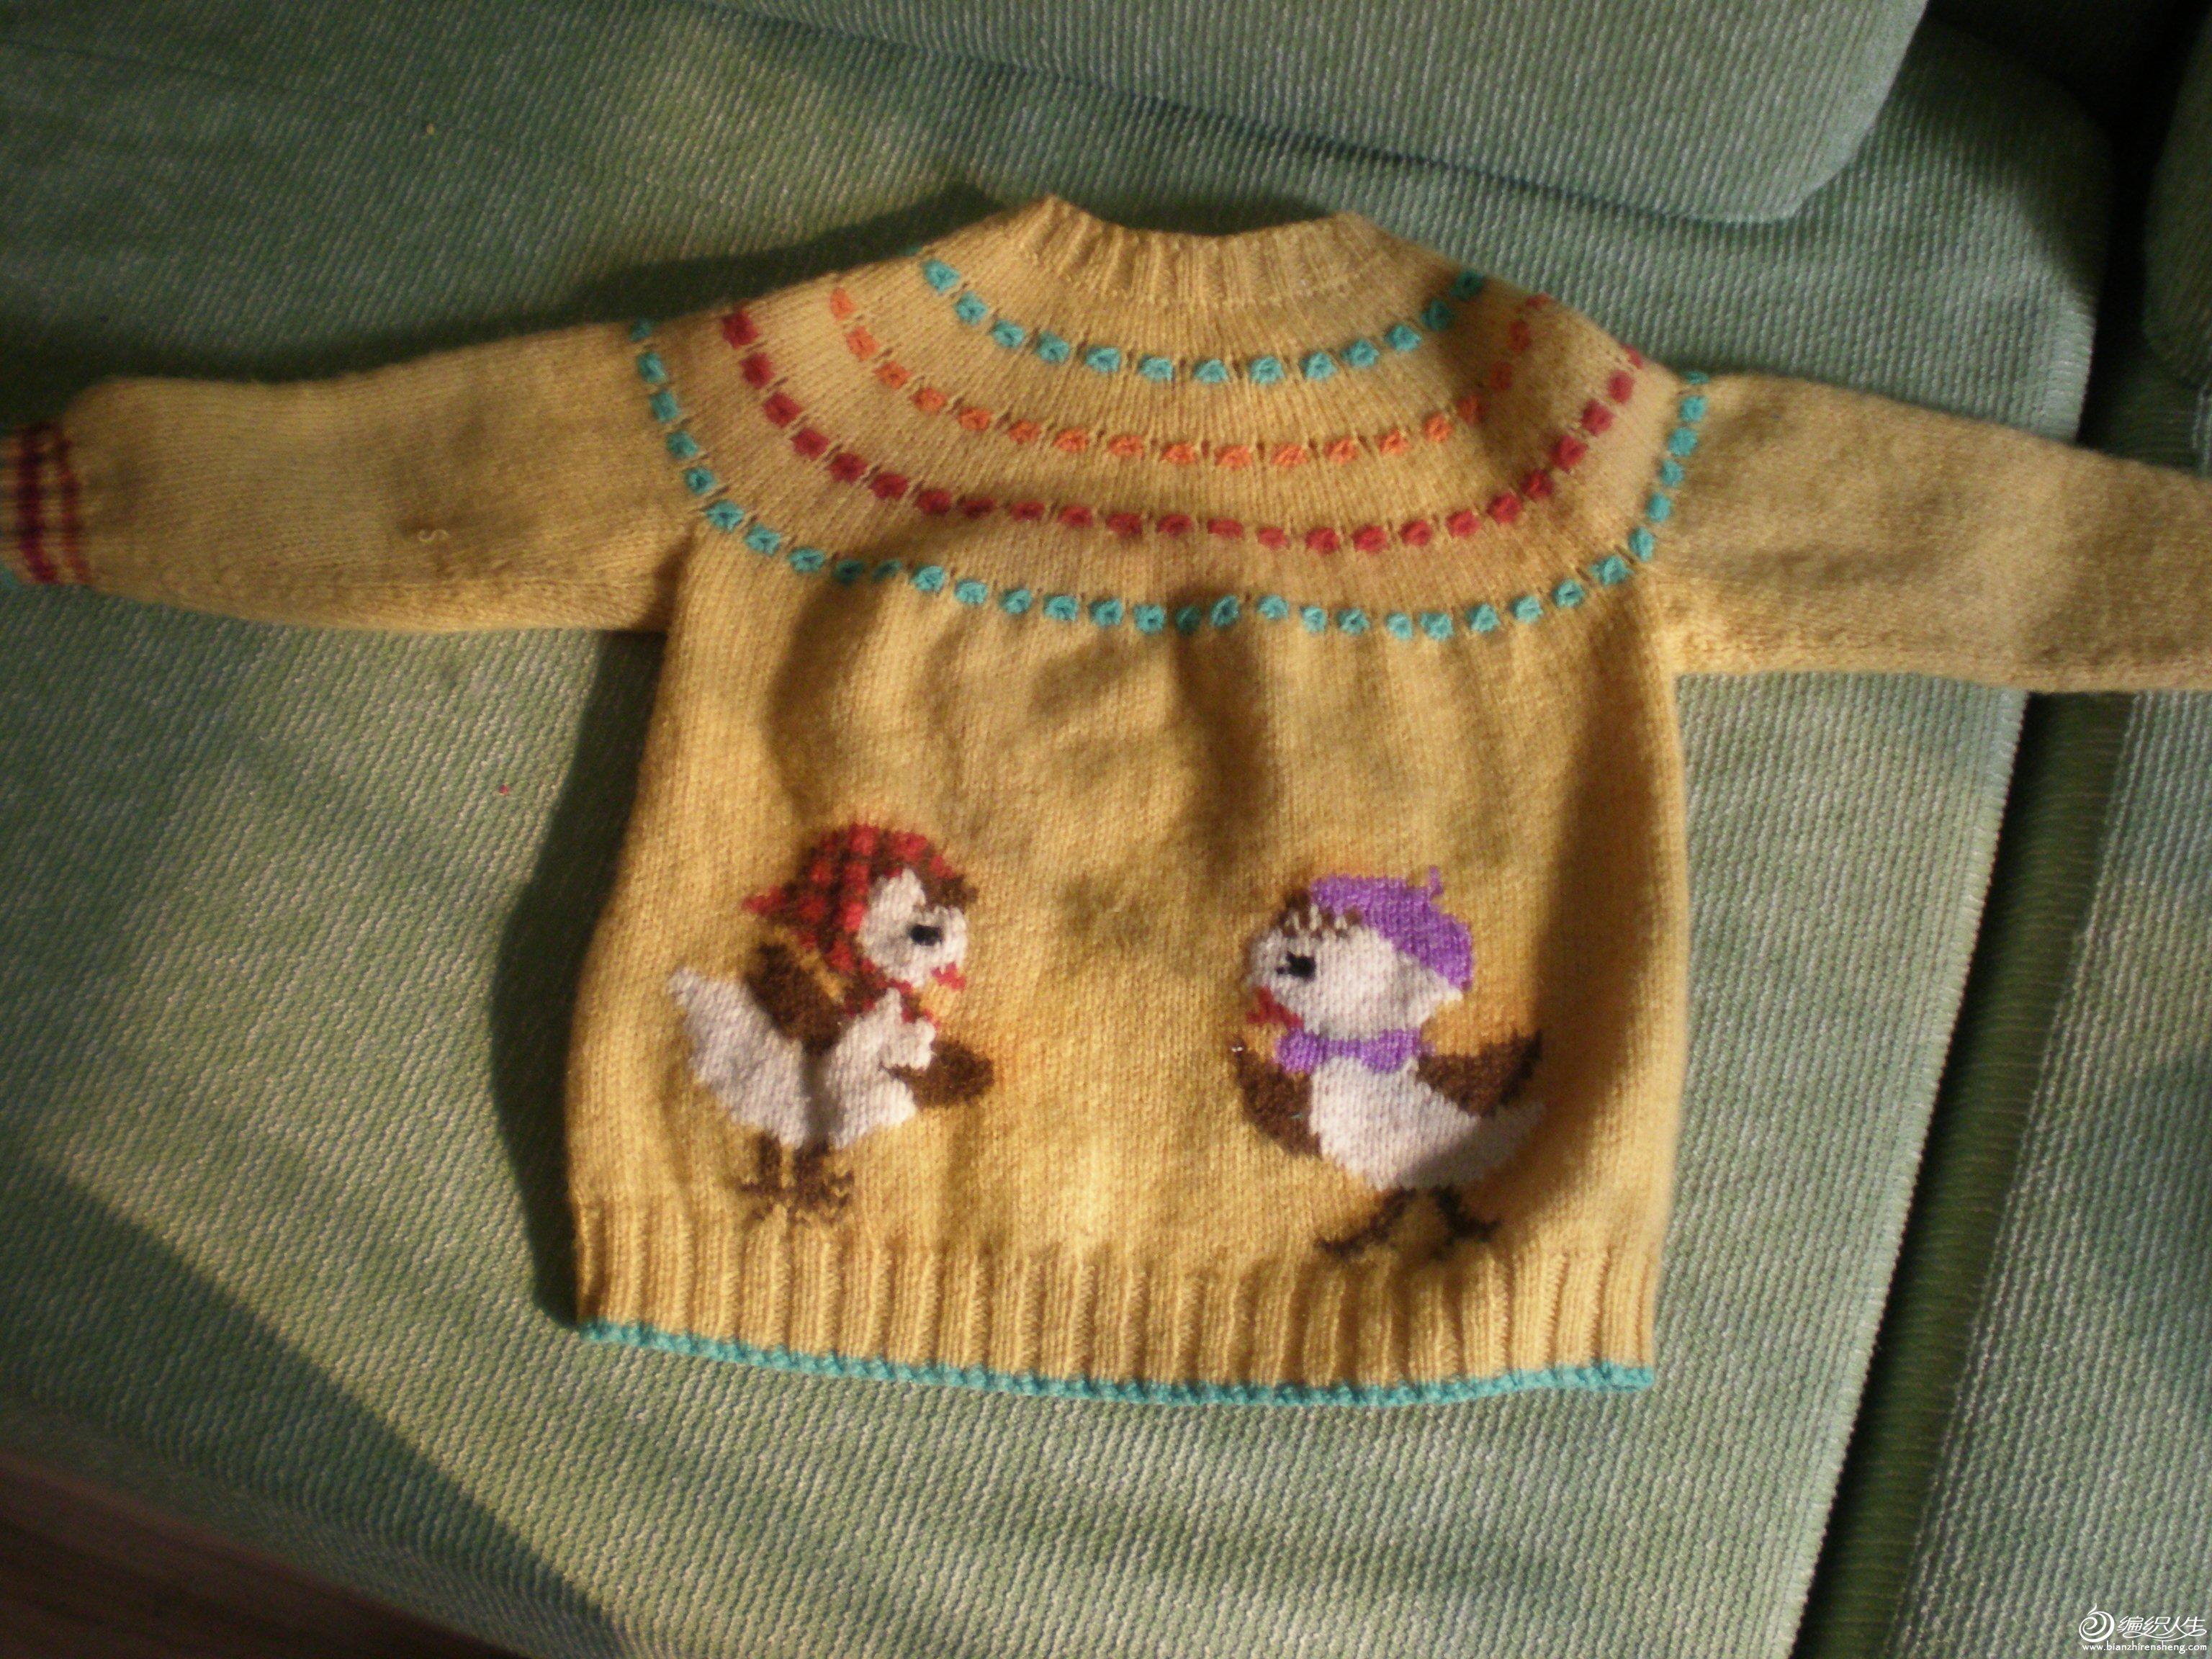 本帖最后由 白羊爱小猪 于 2011-4-9 11:19 编辑   先上片片。看看,以前只织过套头的背心,没织过袖子和开衫,这件是我织的第一件长袖开衫,所以这次织完收获蛮多。这里介绍一下简要方法吧。中间过程没拍下照片来,都是文字描述,大家将就看看啊。   我还是用的从下往上织的传统方法,没用从上往下的插肩式,觉得后者可能打出来的毛衣穿里面袖子会较肥,边边的单罗纹用14号针,主体用13号针。成衣尺寸:衣长45CM、袖长38CM、胸围70CM、肩宽31CM、领围32CM、前襟宽2CM、腰高26CM、领高3CM